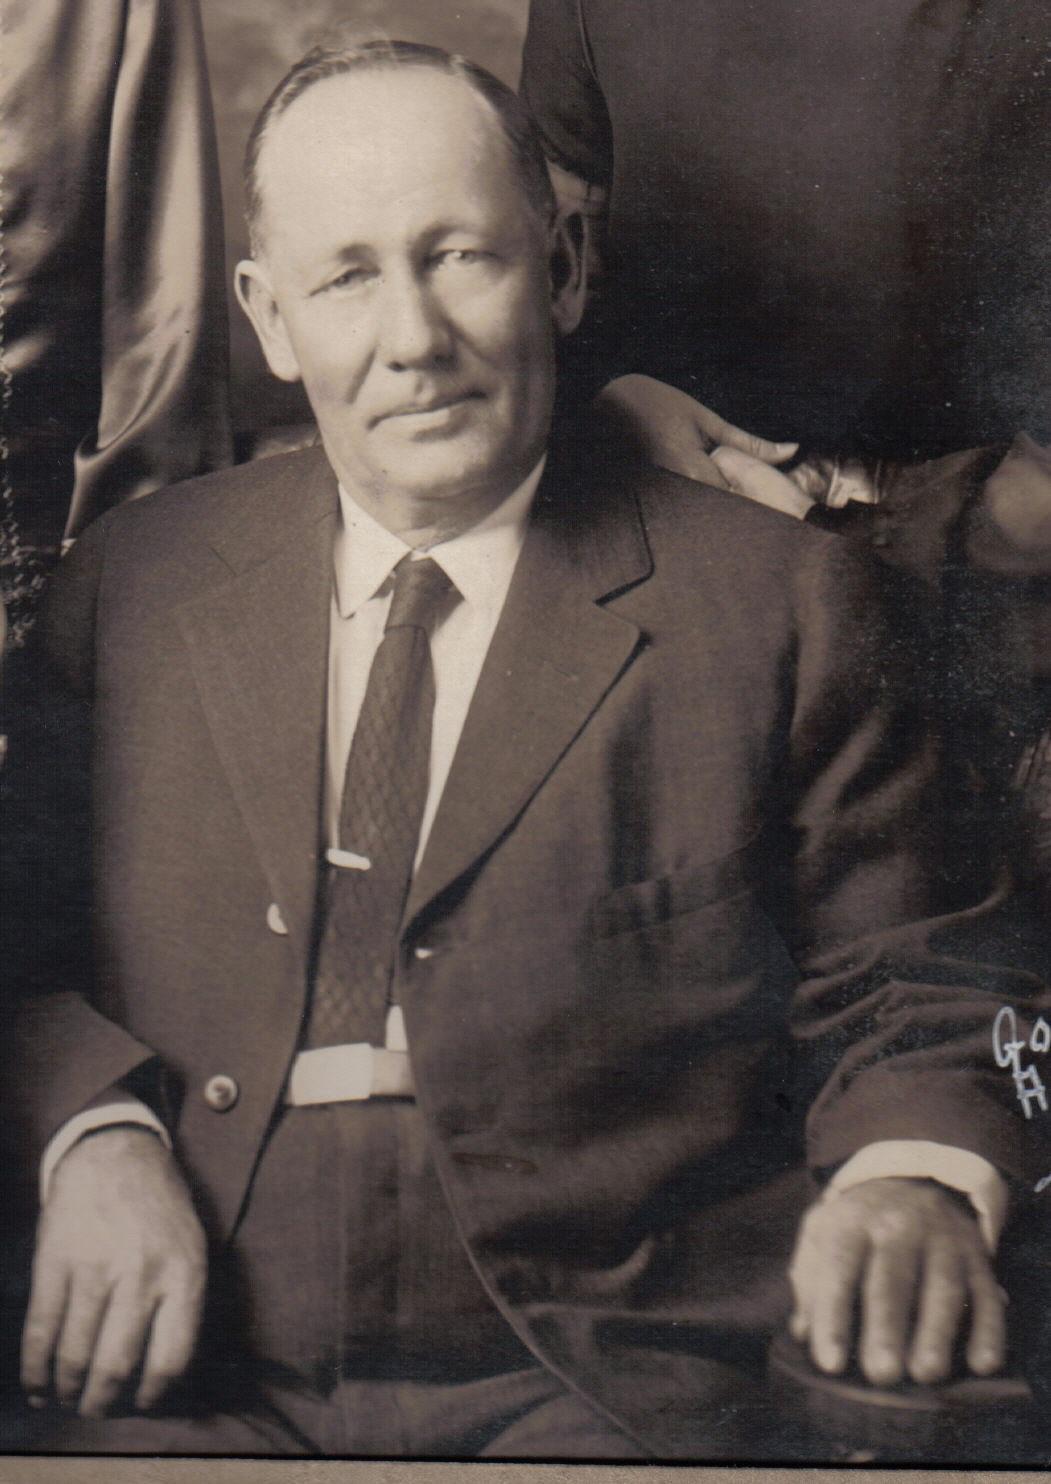 James Henry Evans